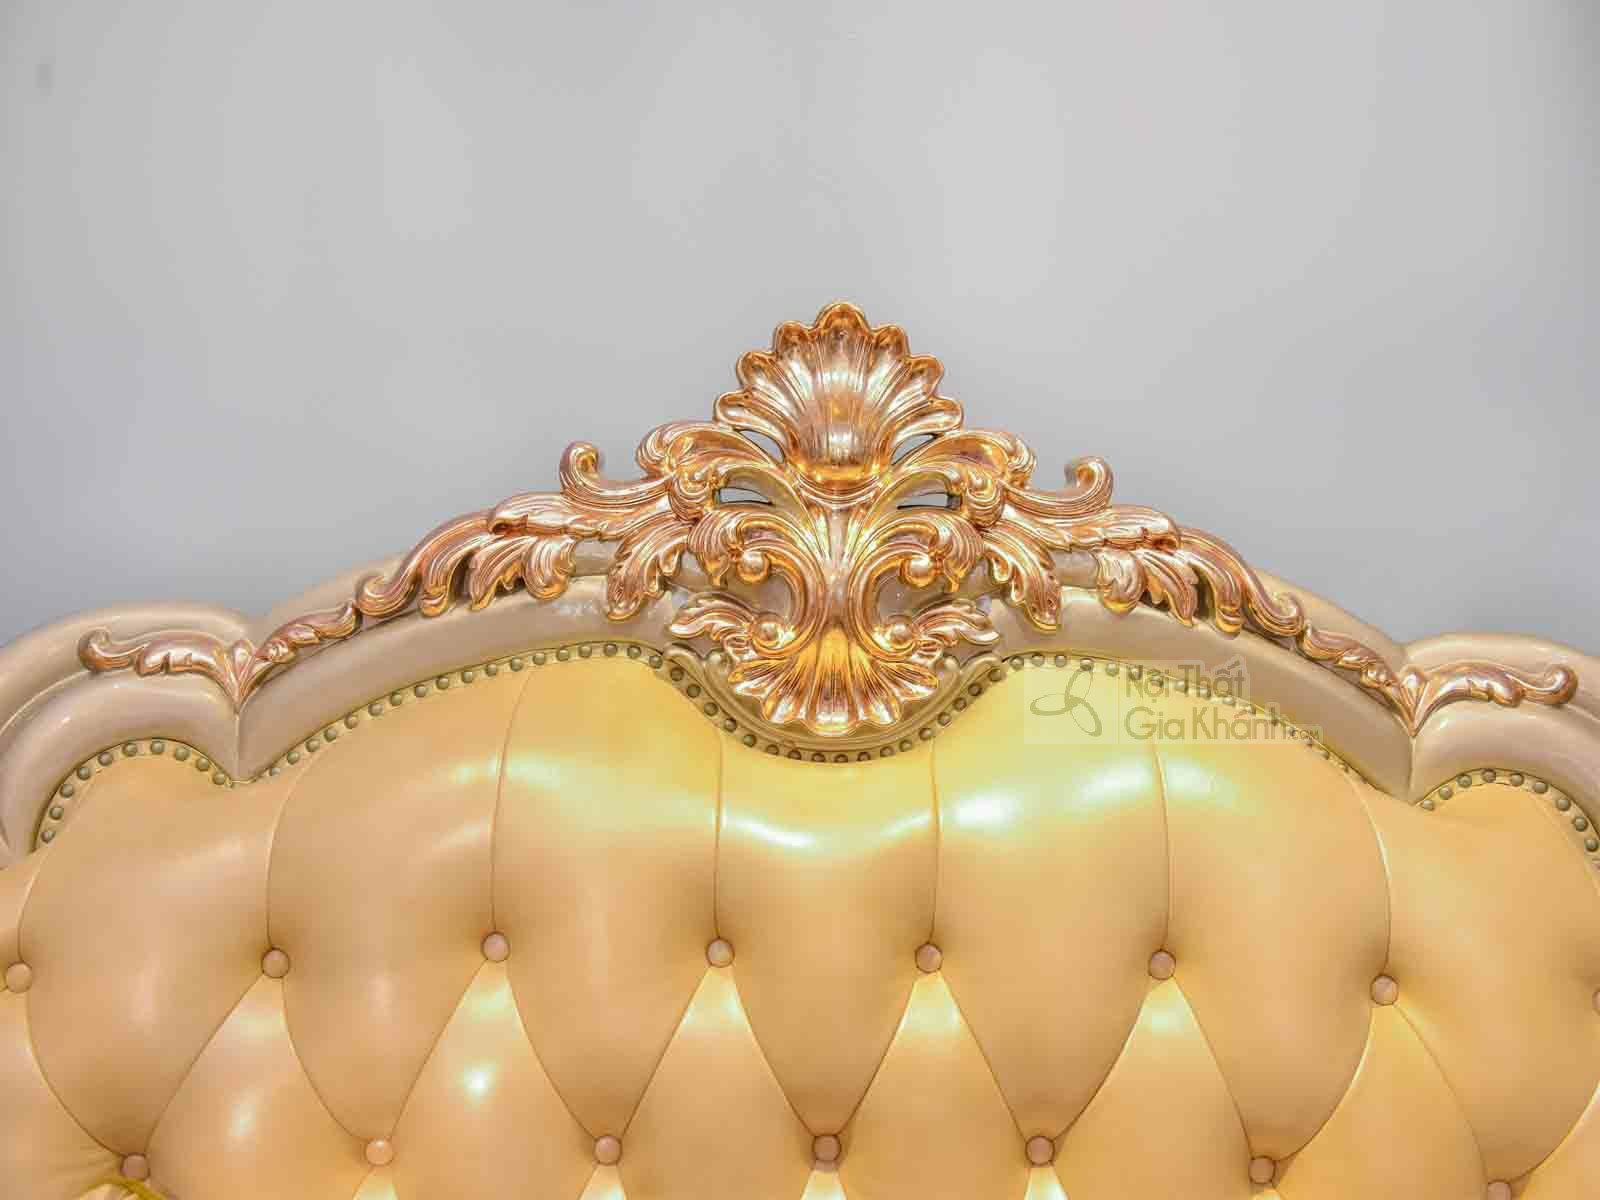 the diamond kin bo noi that dat gia nhat the gioi 10 - BỘ SOFA TÂN CỔ ĐIỂN ĐẮT GIÁ NHẤT VIỆT NAM - THE DIAMOND KING